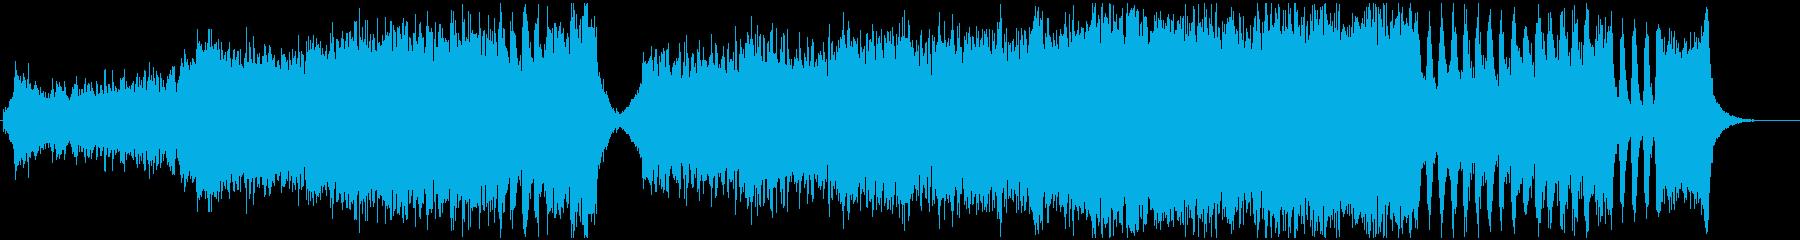 ヒロイックなアクションオーケストラの再生済みの波形